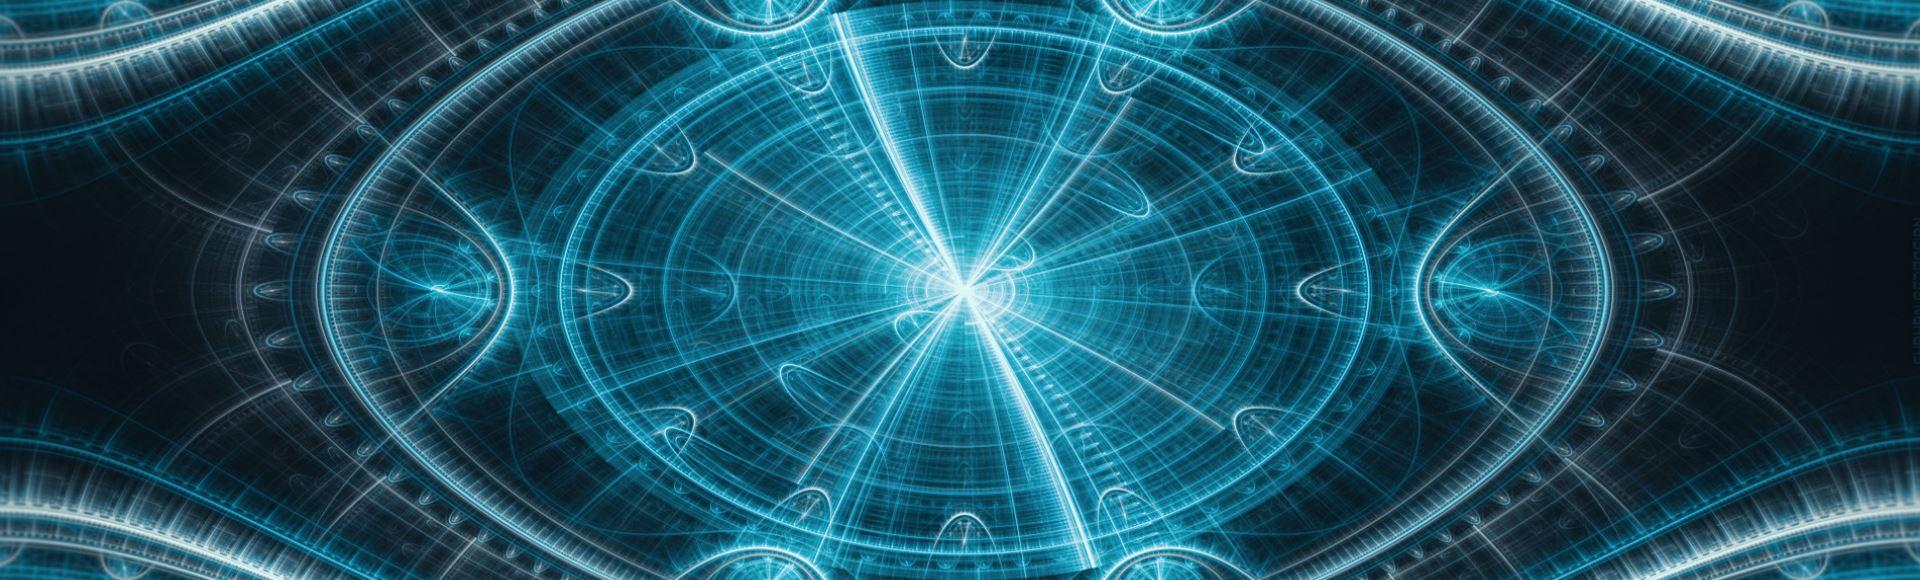 Scrittore sull'esoterismo e la massoneria